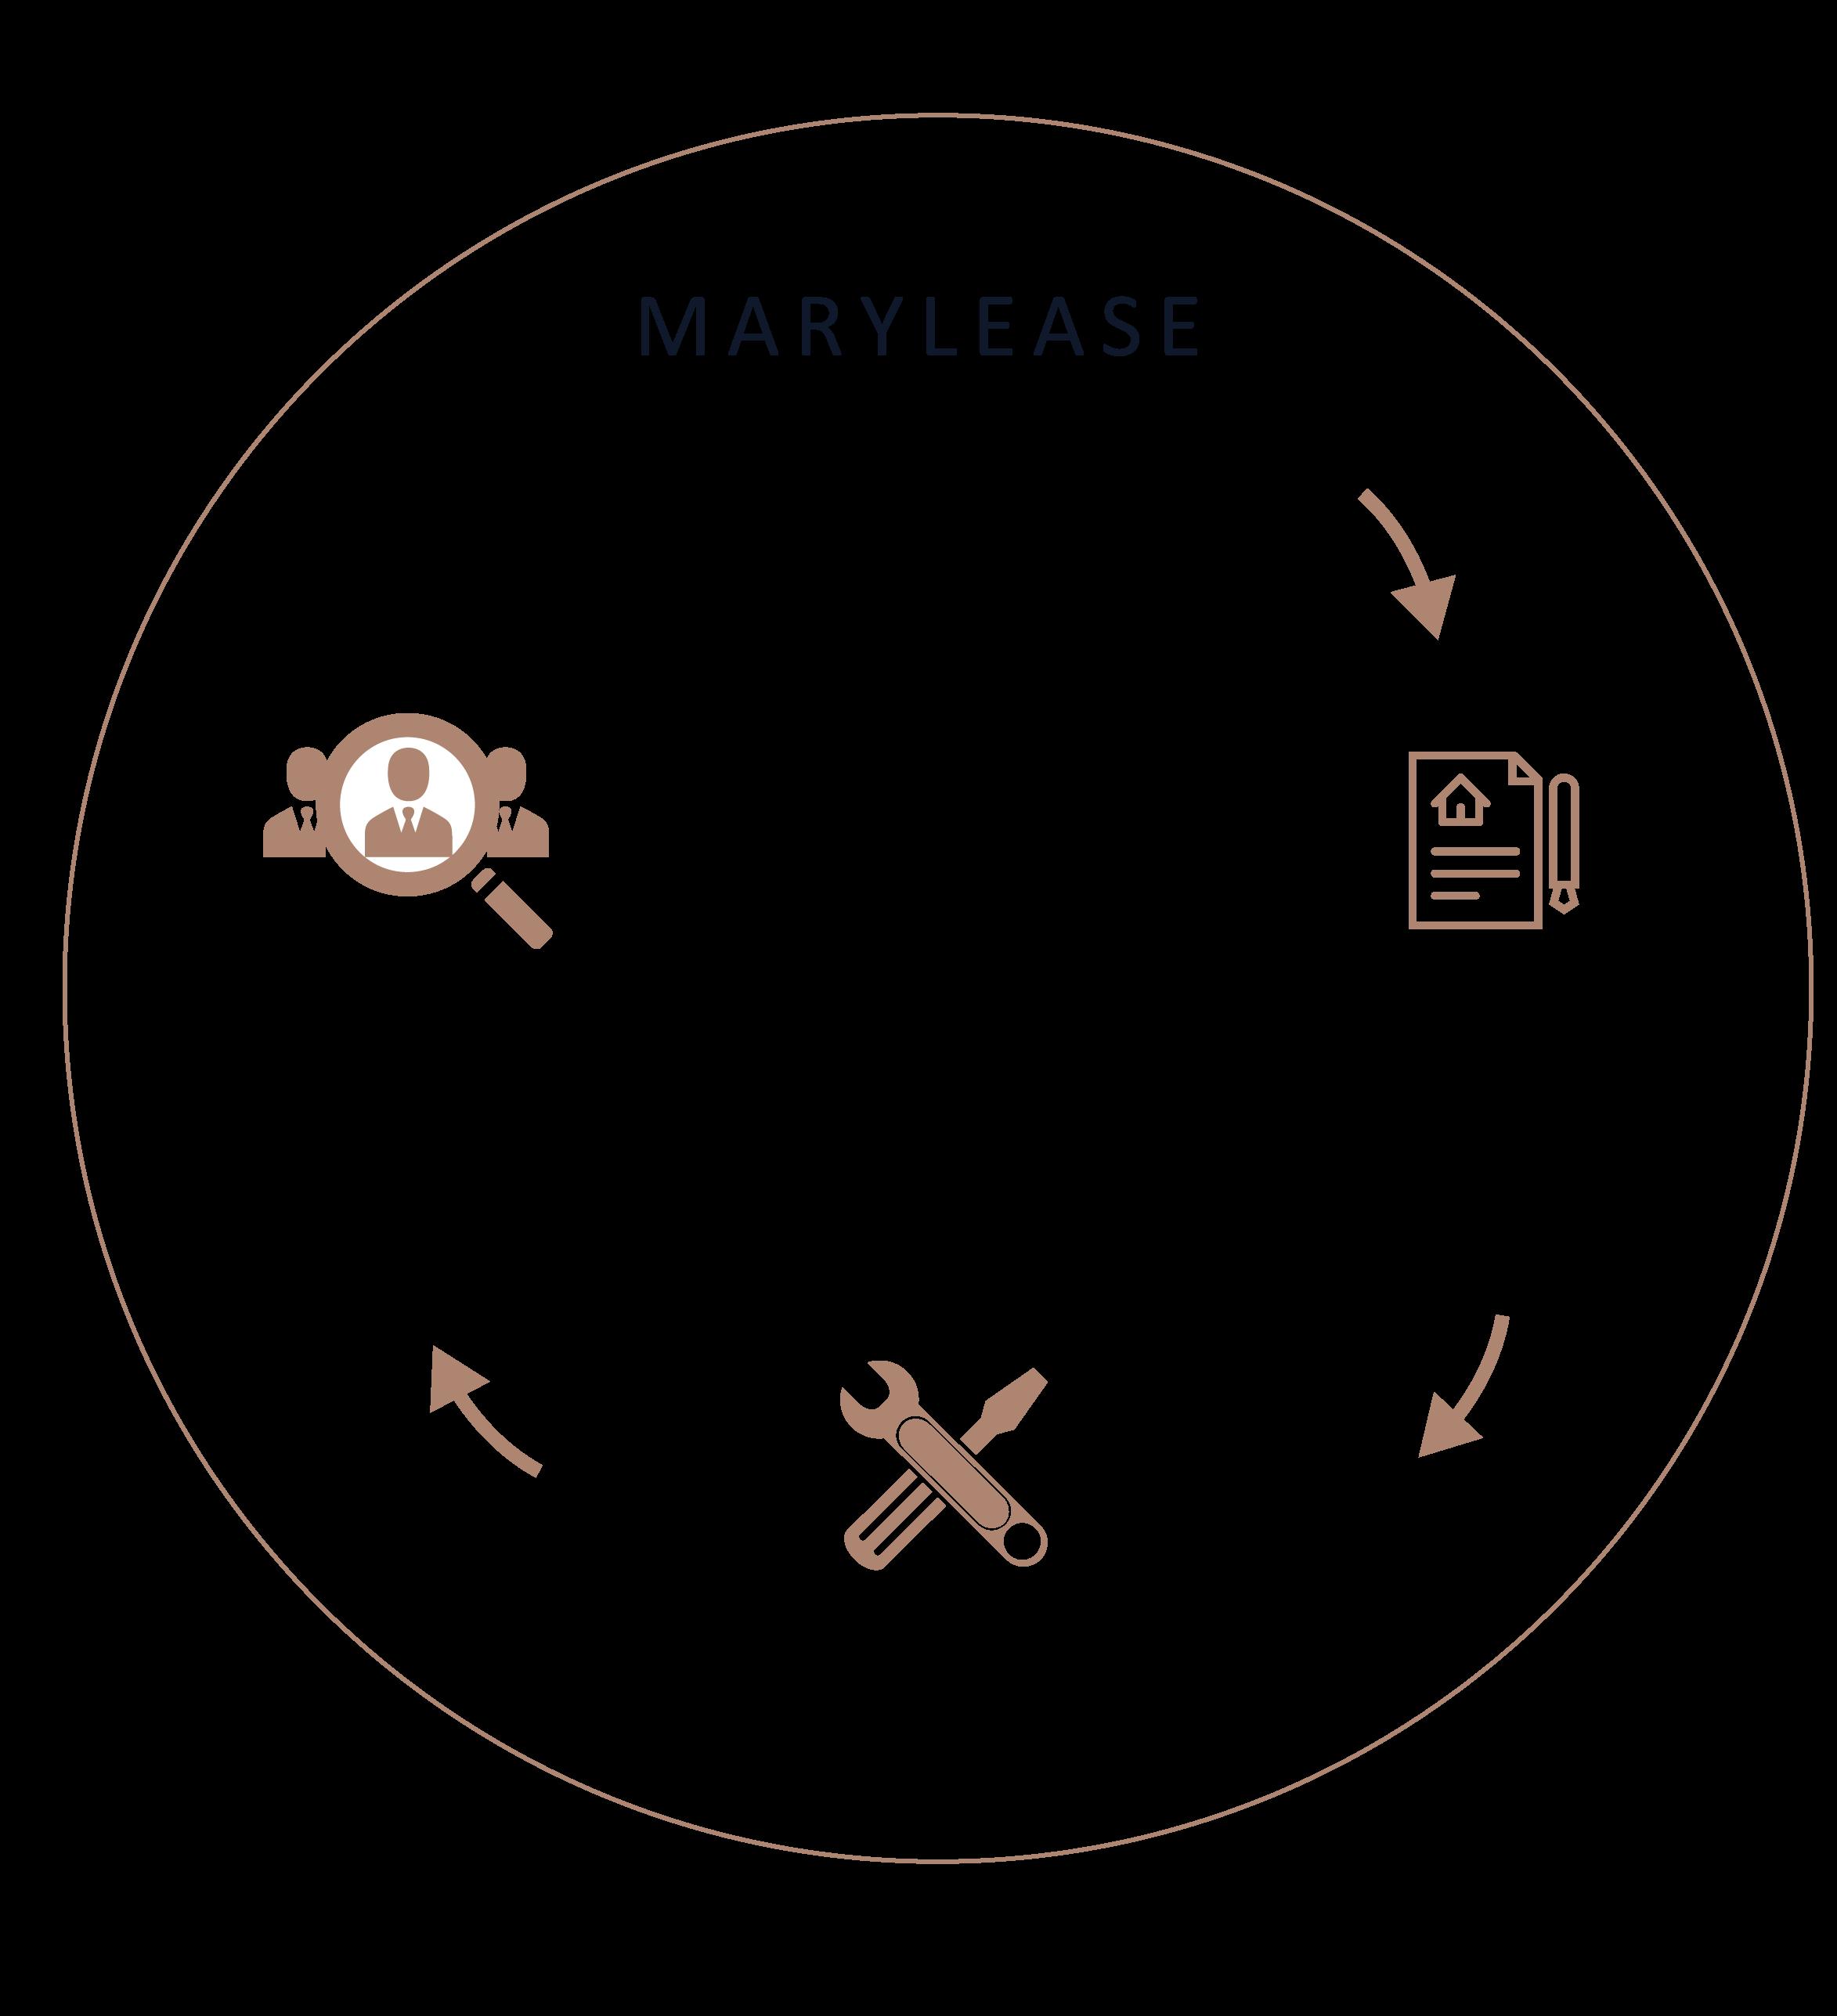 Marylease, outil de scoring en ligne, sécurisé, disponible 24h/24 vec accord immédiat.